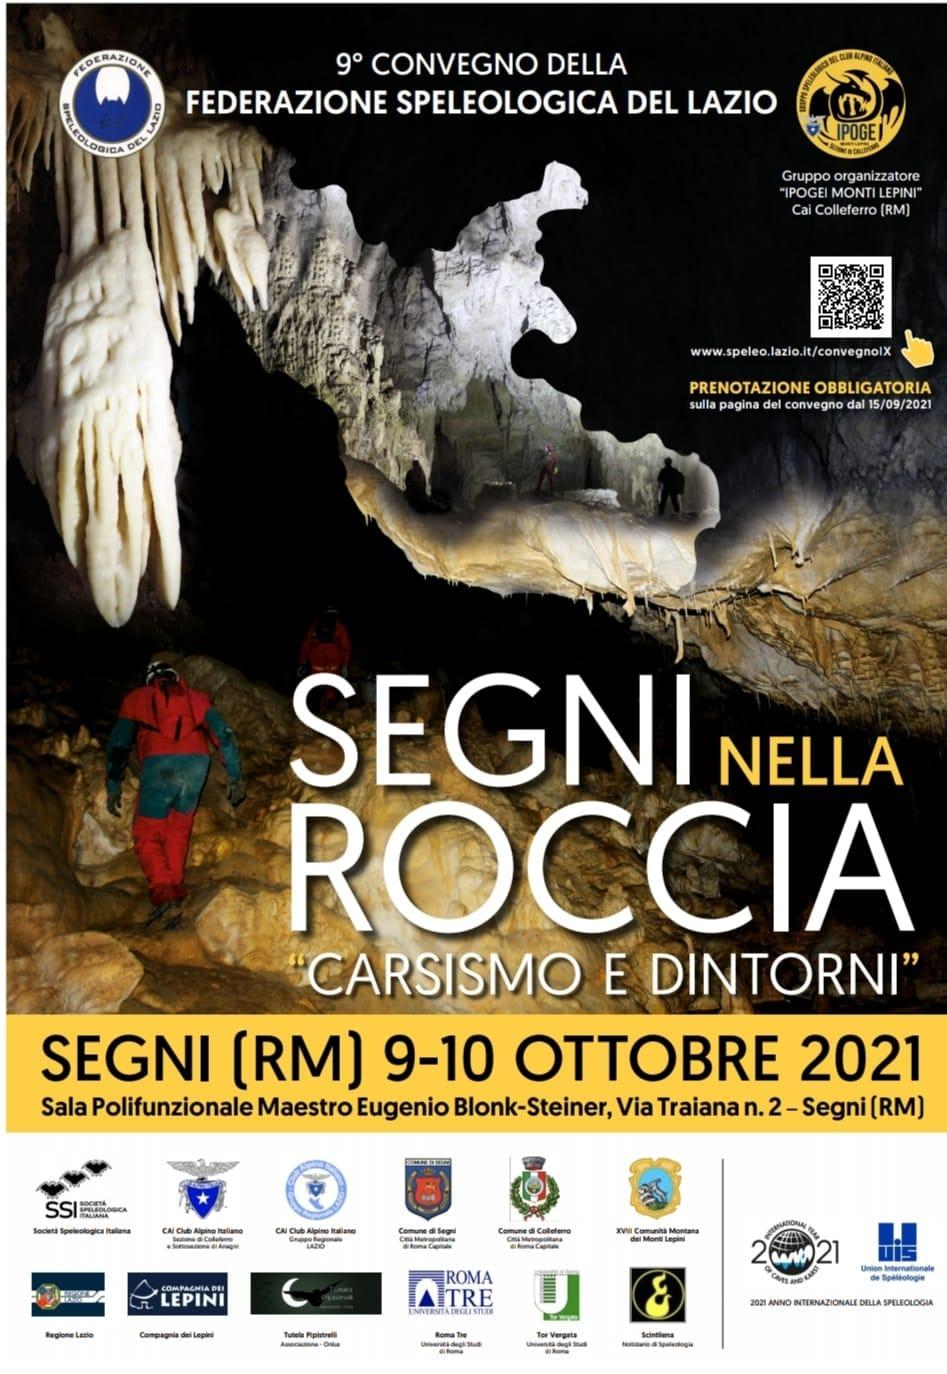 """Segni nella roccia - """"Carsismo e dintorni"""" @ Sala Polifunzionale Maestro Eugenio Blonk-Steiner"""